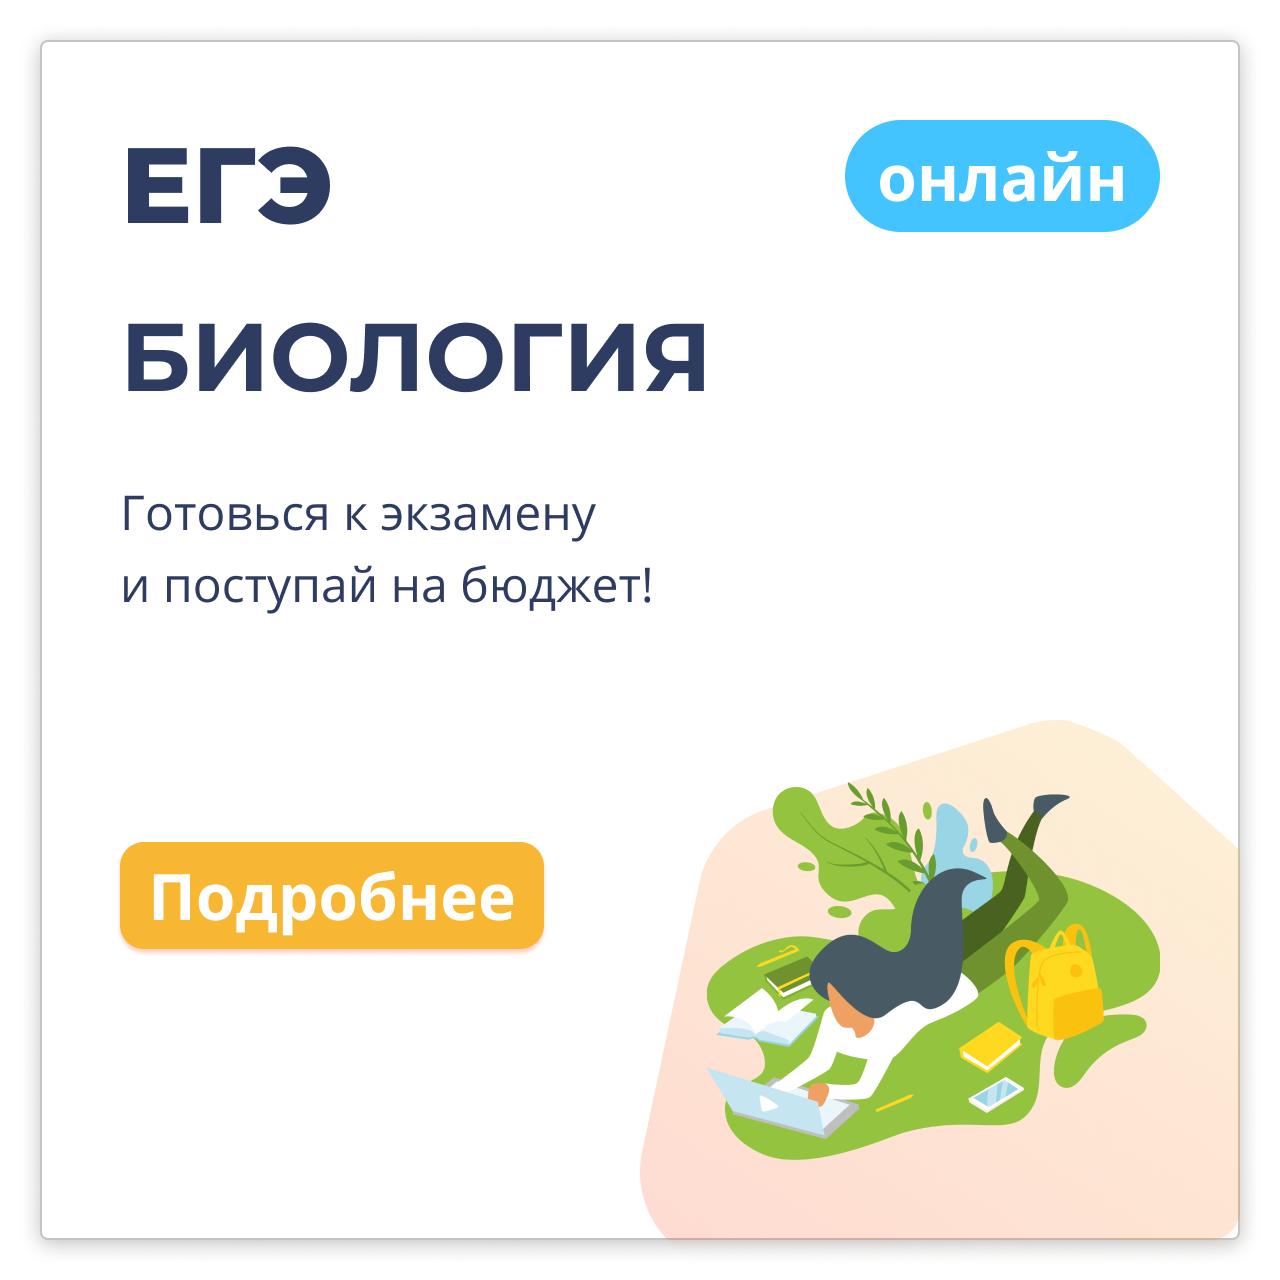 Биология ЕГЭ Онлайн группа